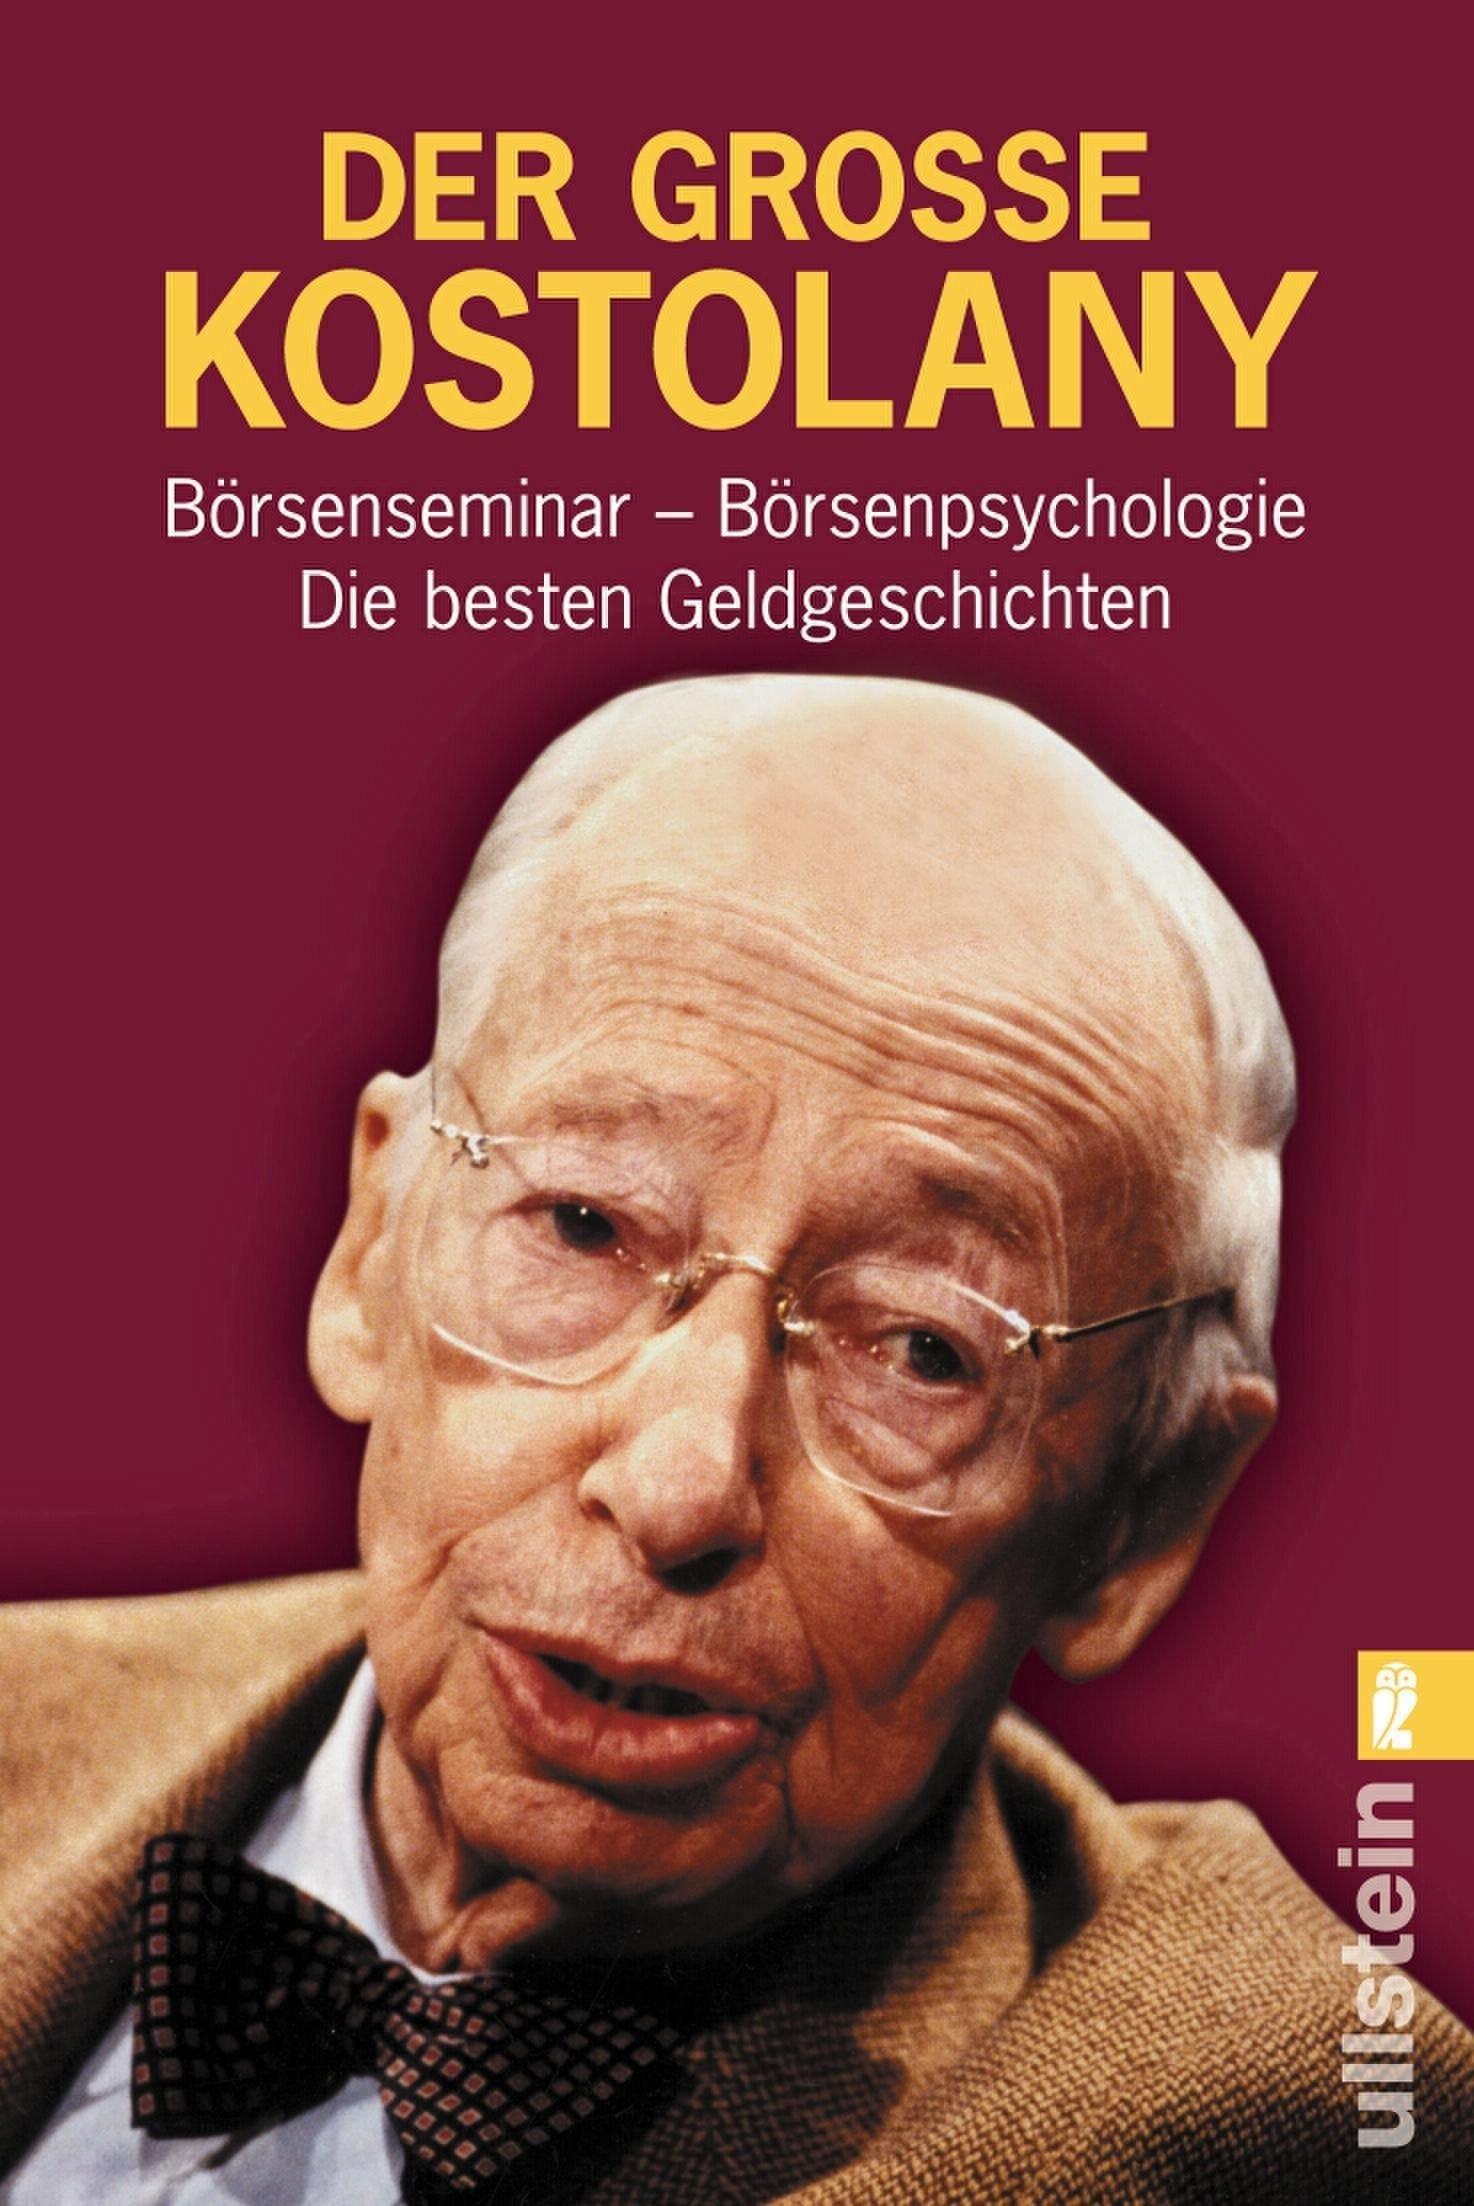 Der grosse Kostolany: Börsenseminar - Börsenpsychologie - Die besten Geldgeschichten Taschenbuch – 1. Dezember 2003 André Kostolany Ullstein Taschenbuch 3548366856 Börse - Börsenhandel